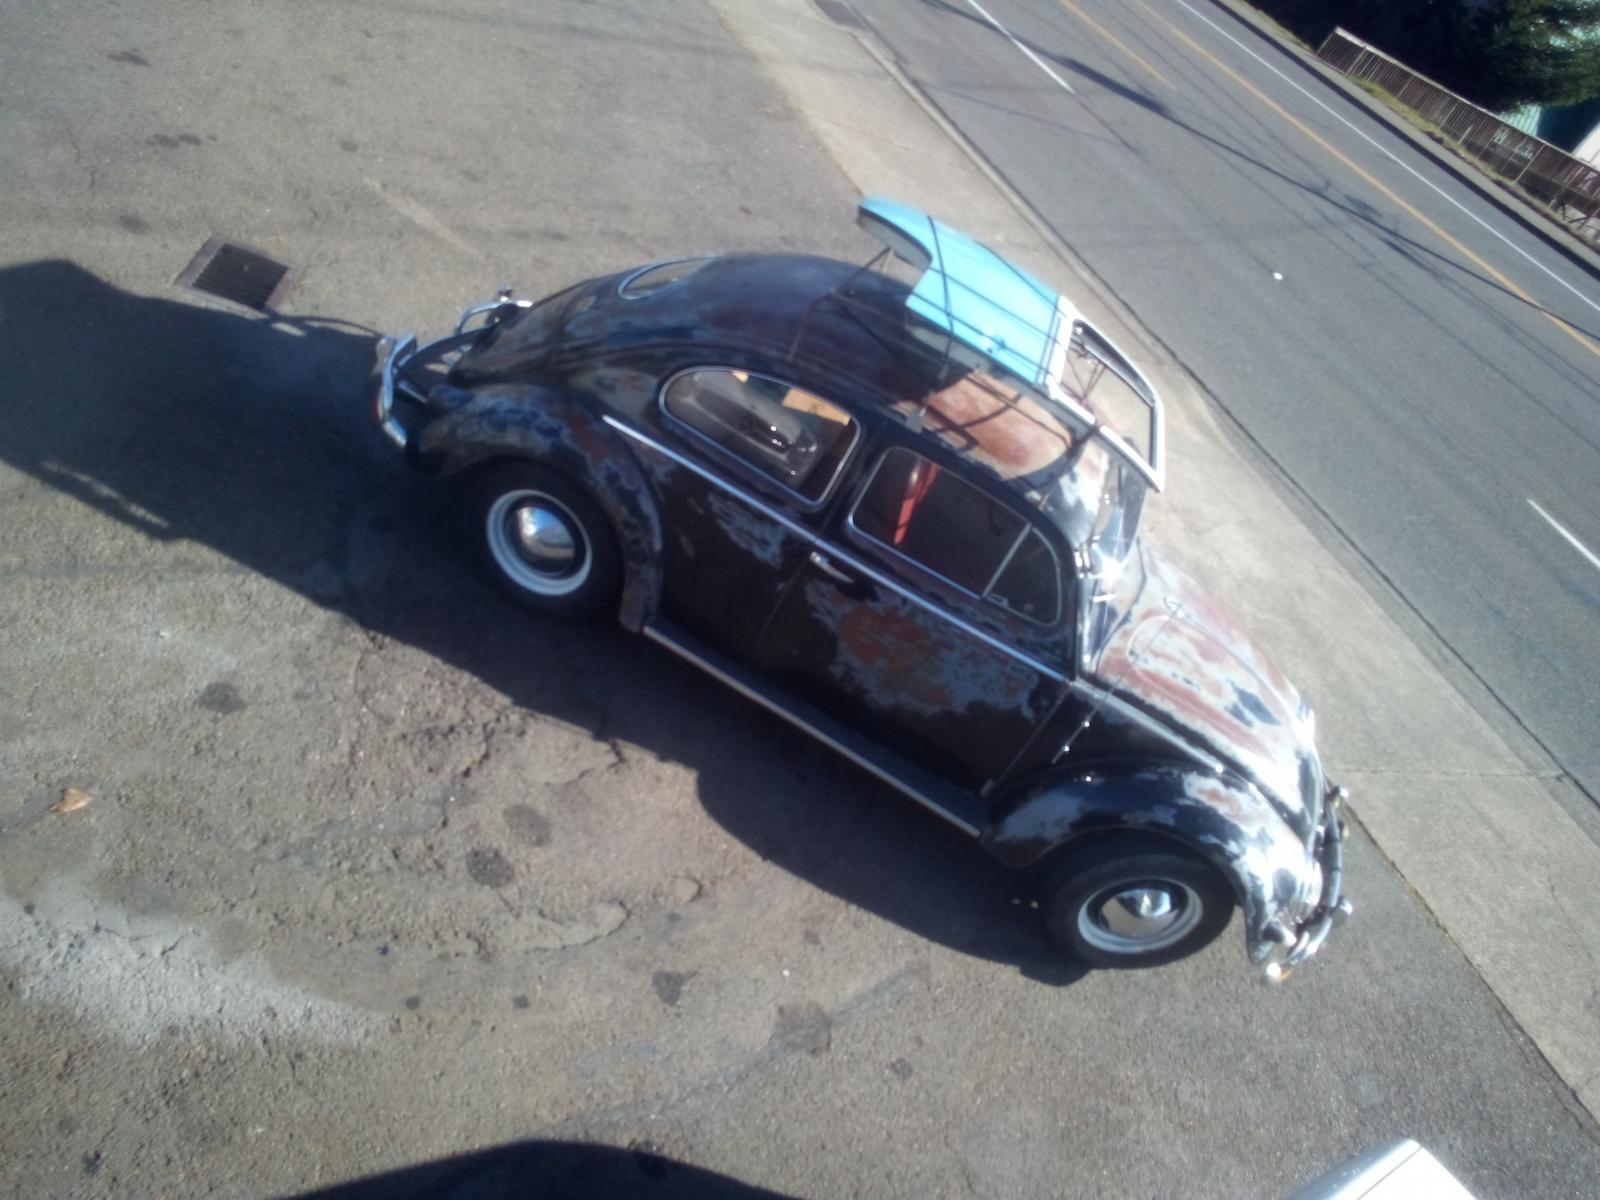 1956 beetle hauling a bay window door